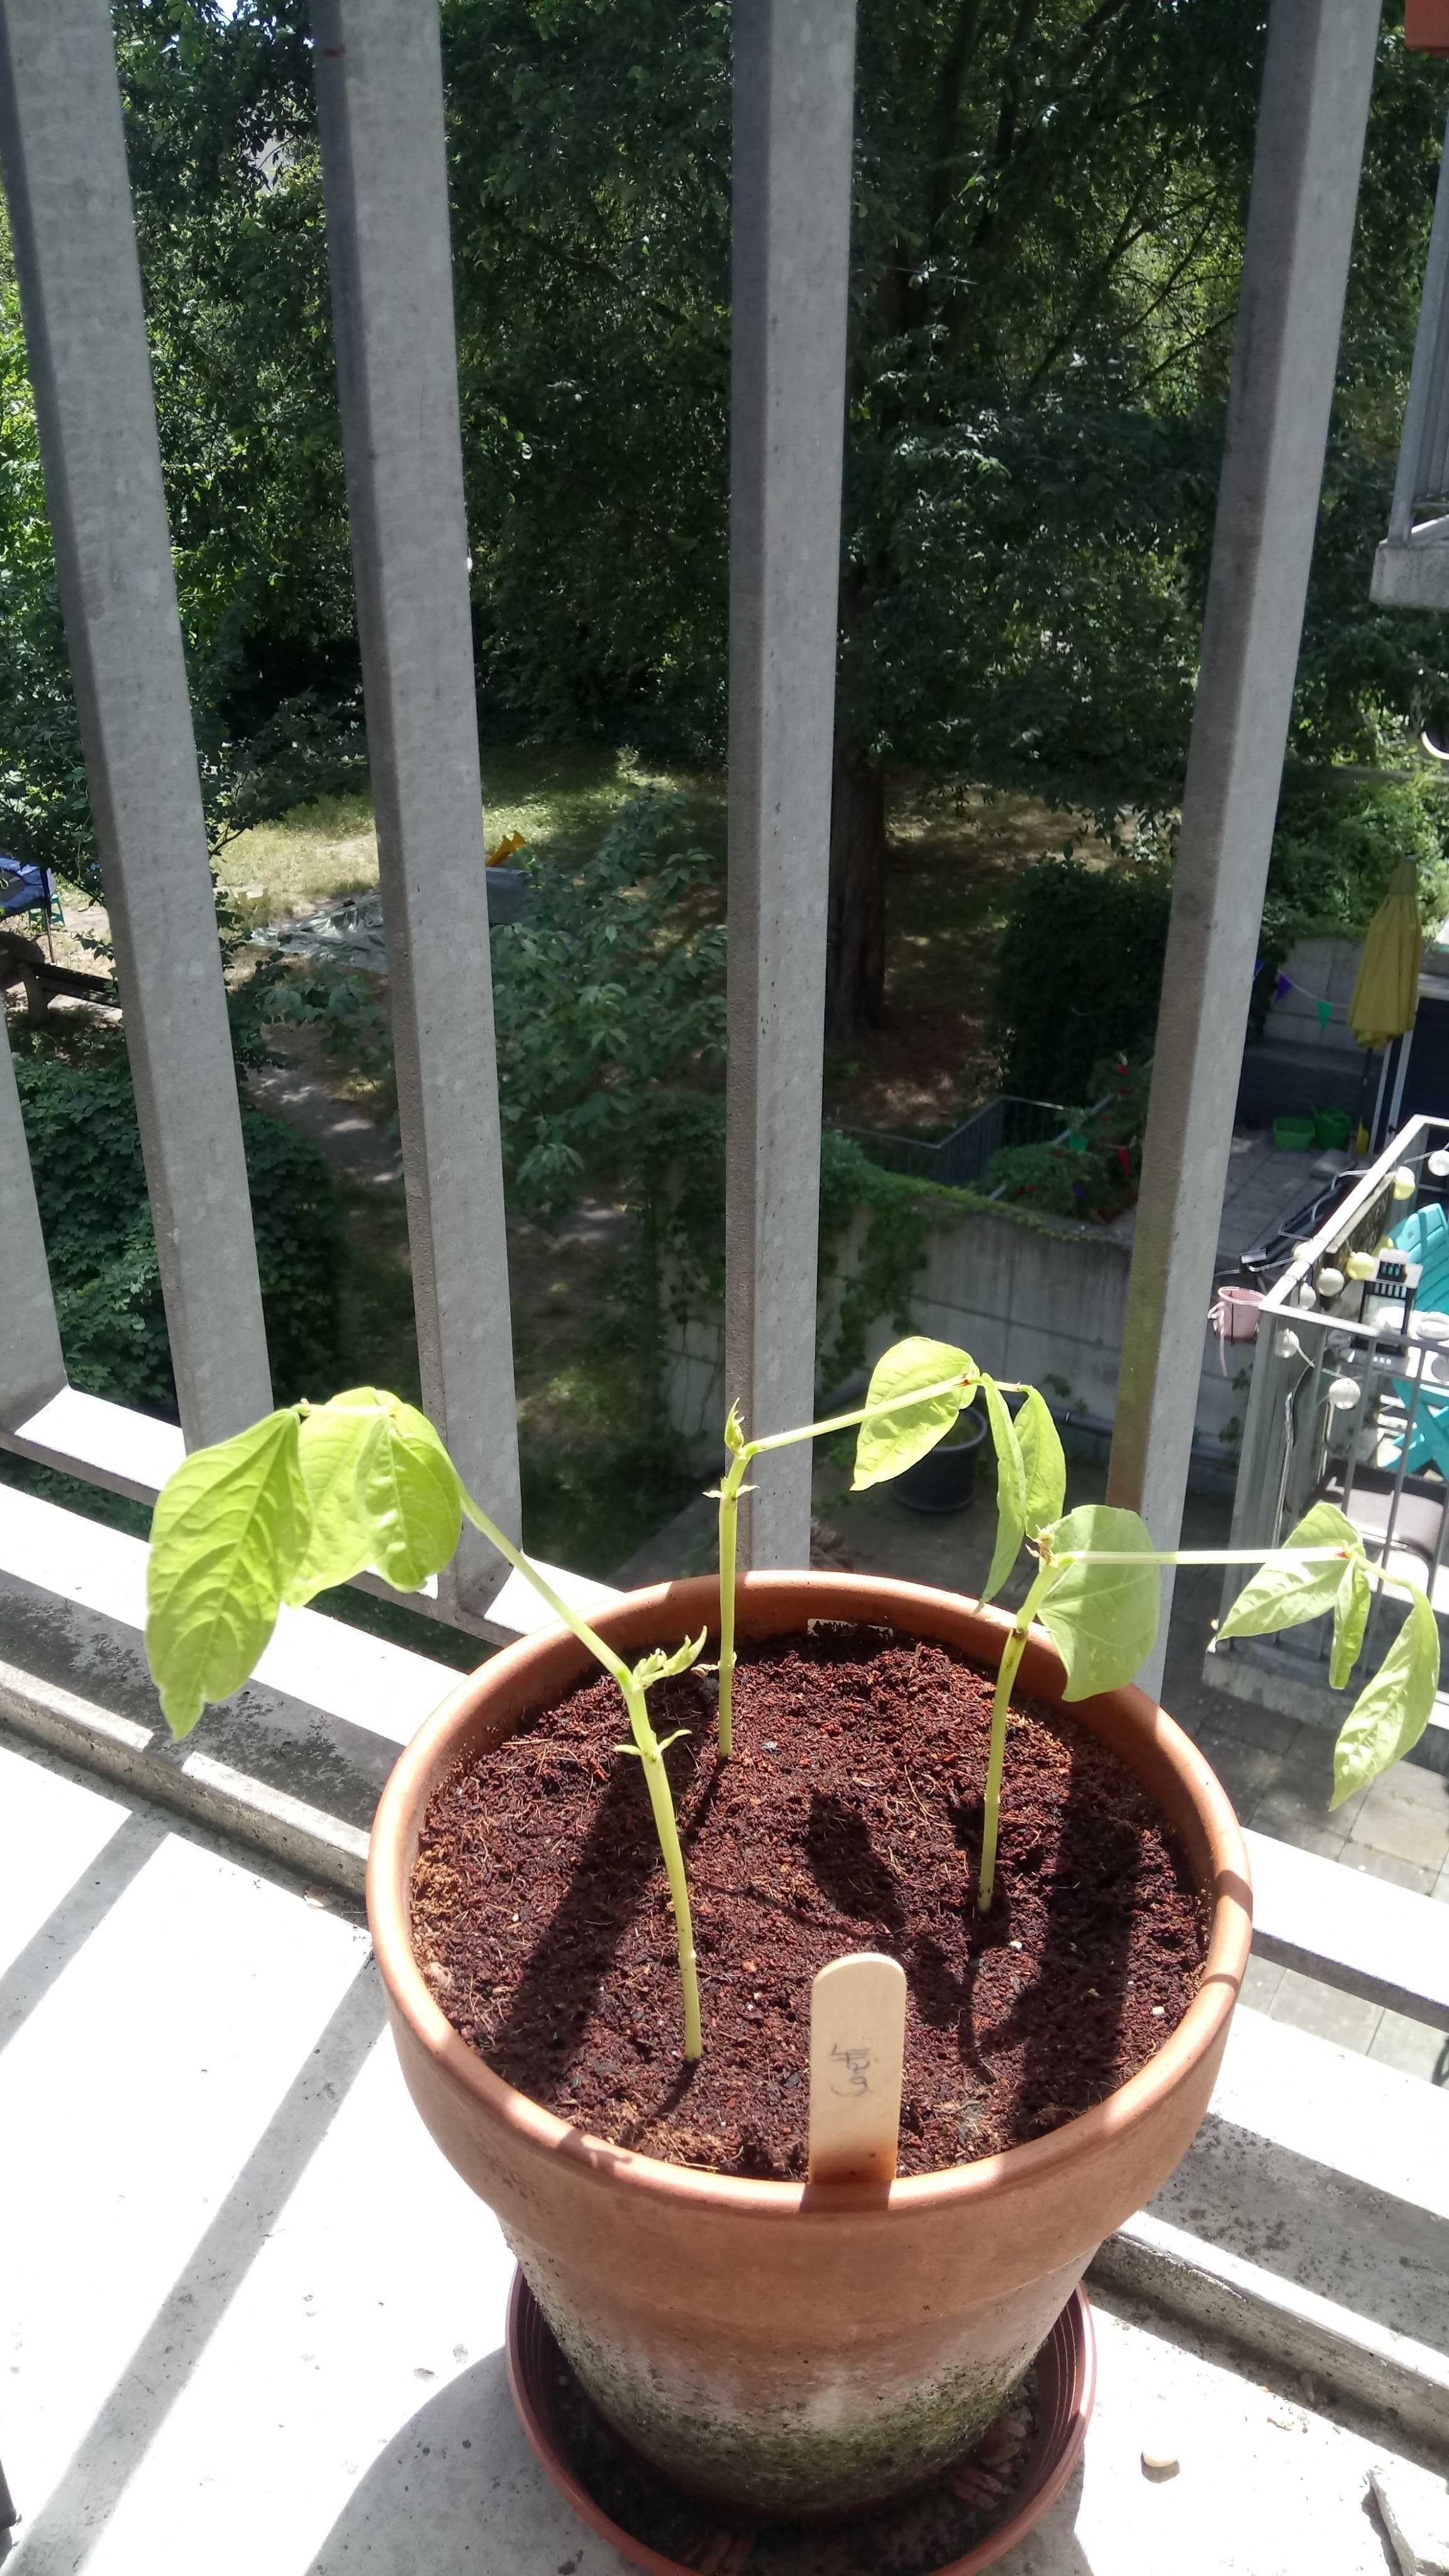 Die kleine Canetti, nachdem die befallenen Blätter (Minierfliege) abgenommen wurden